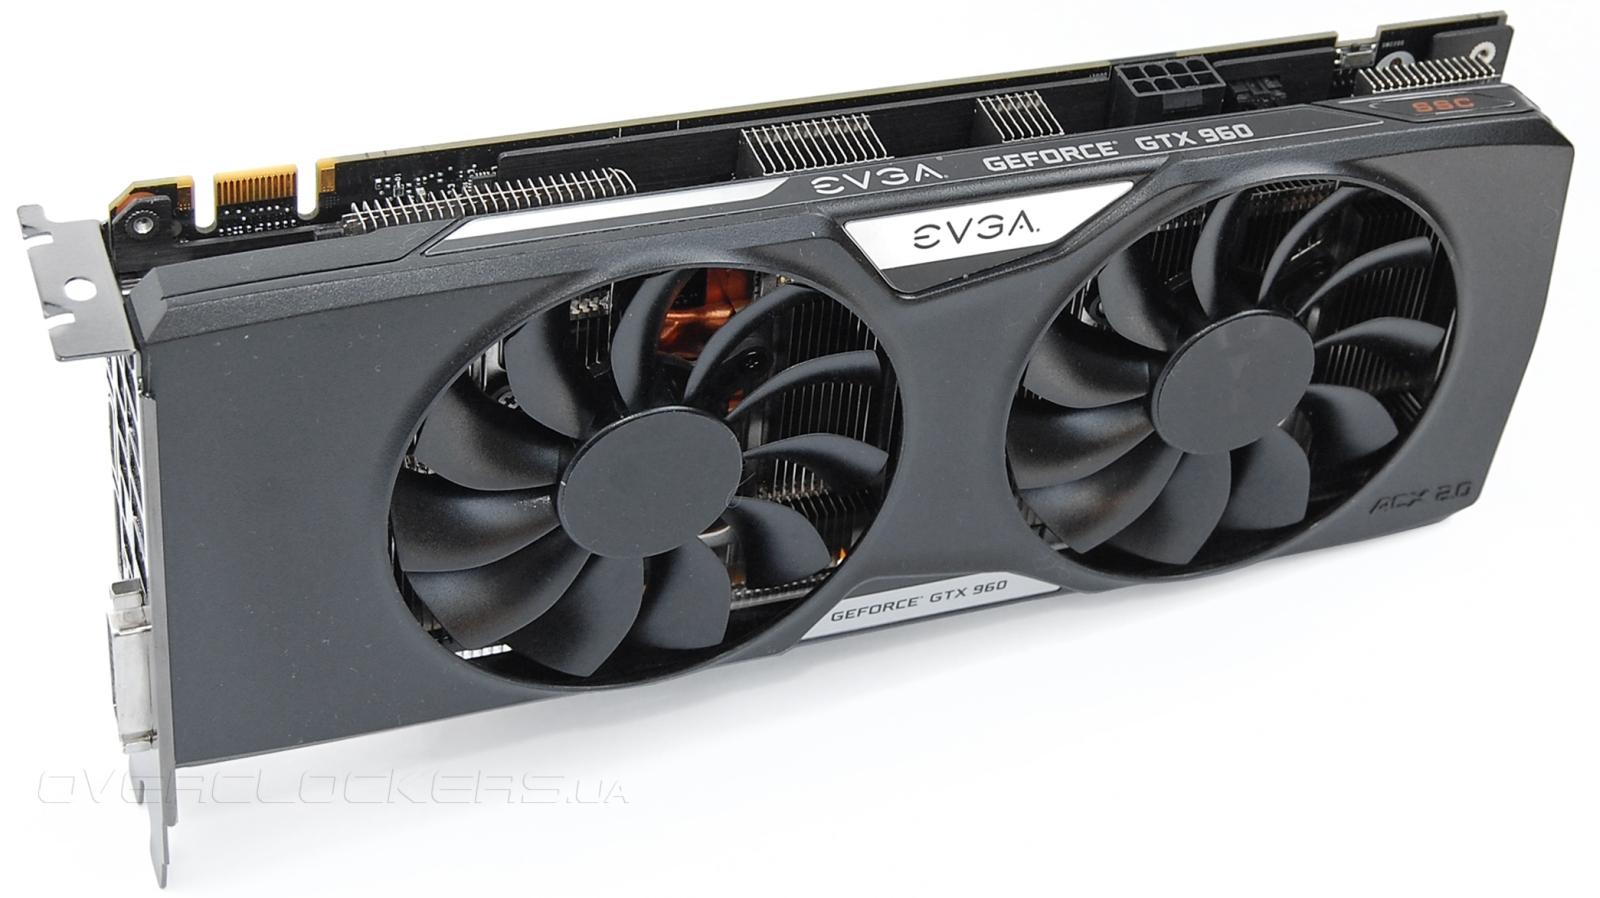 Обзор и тестирование видеокарты EVGA GeForce GTX 960 SuperSC